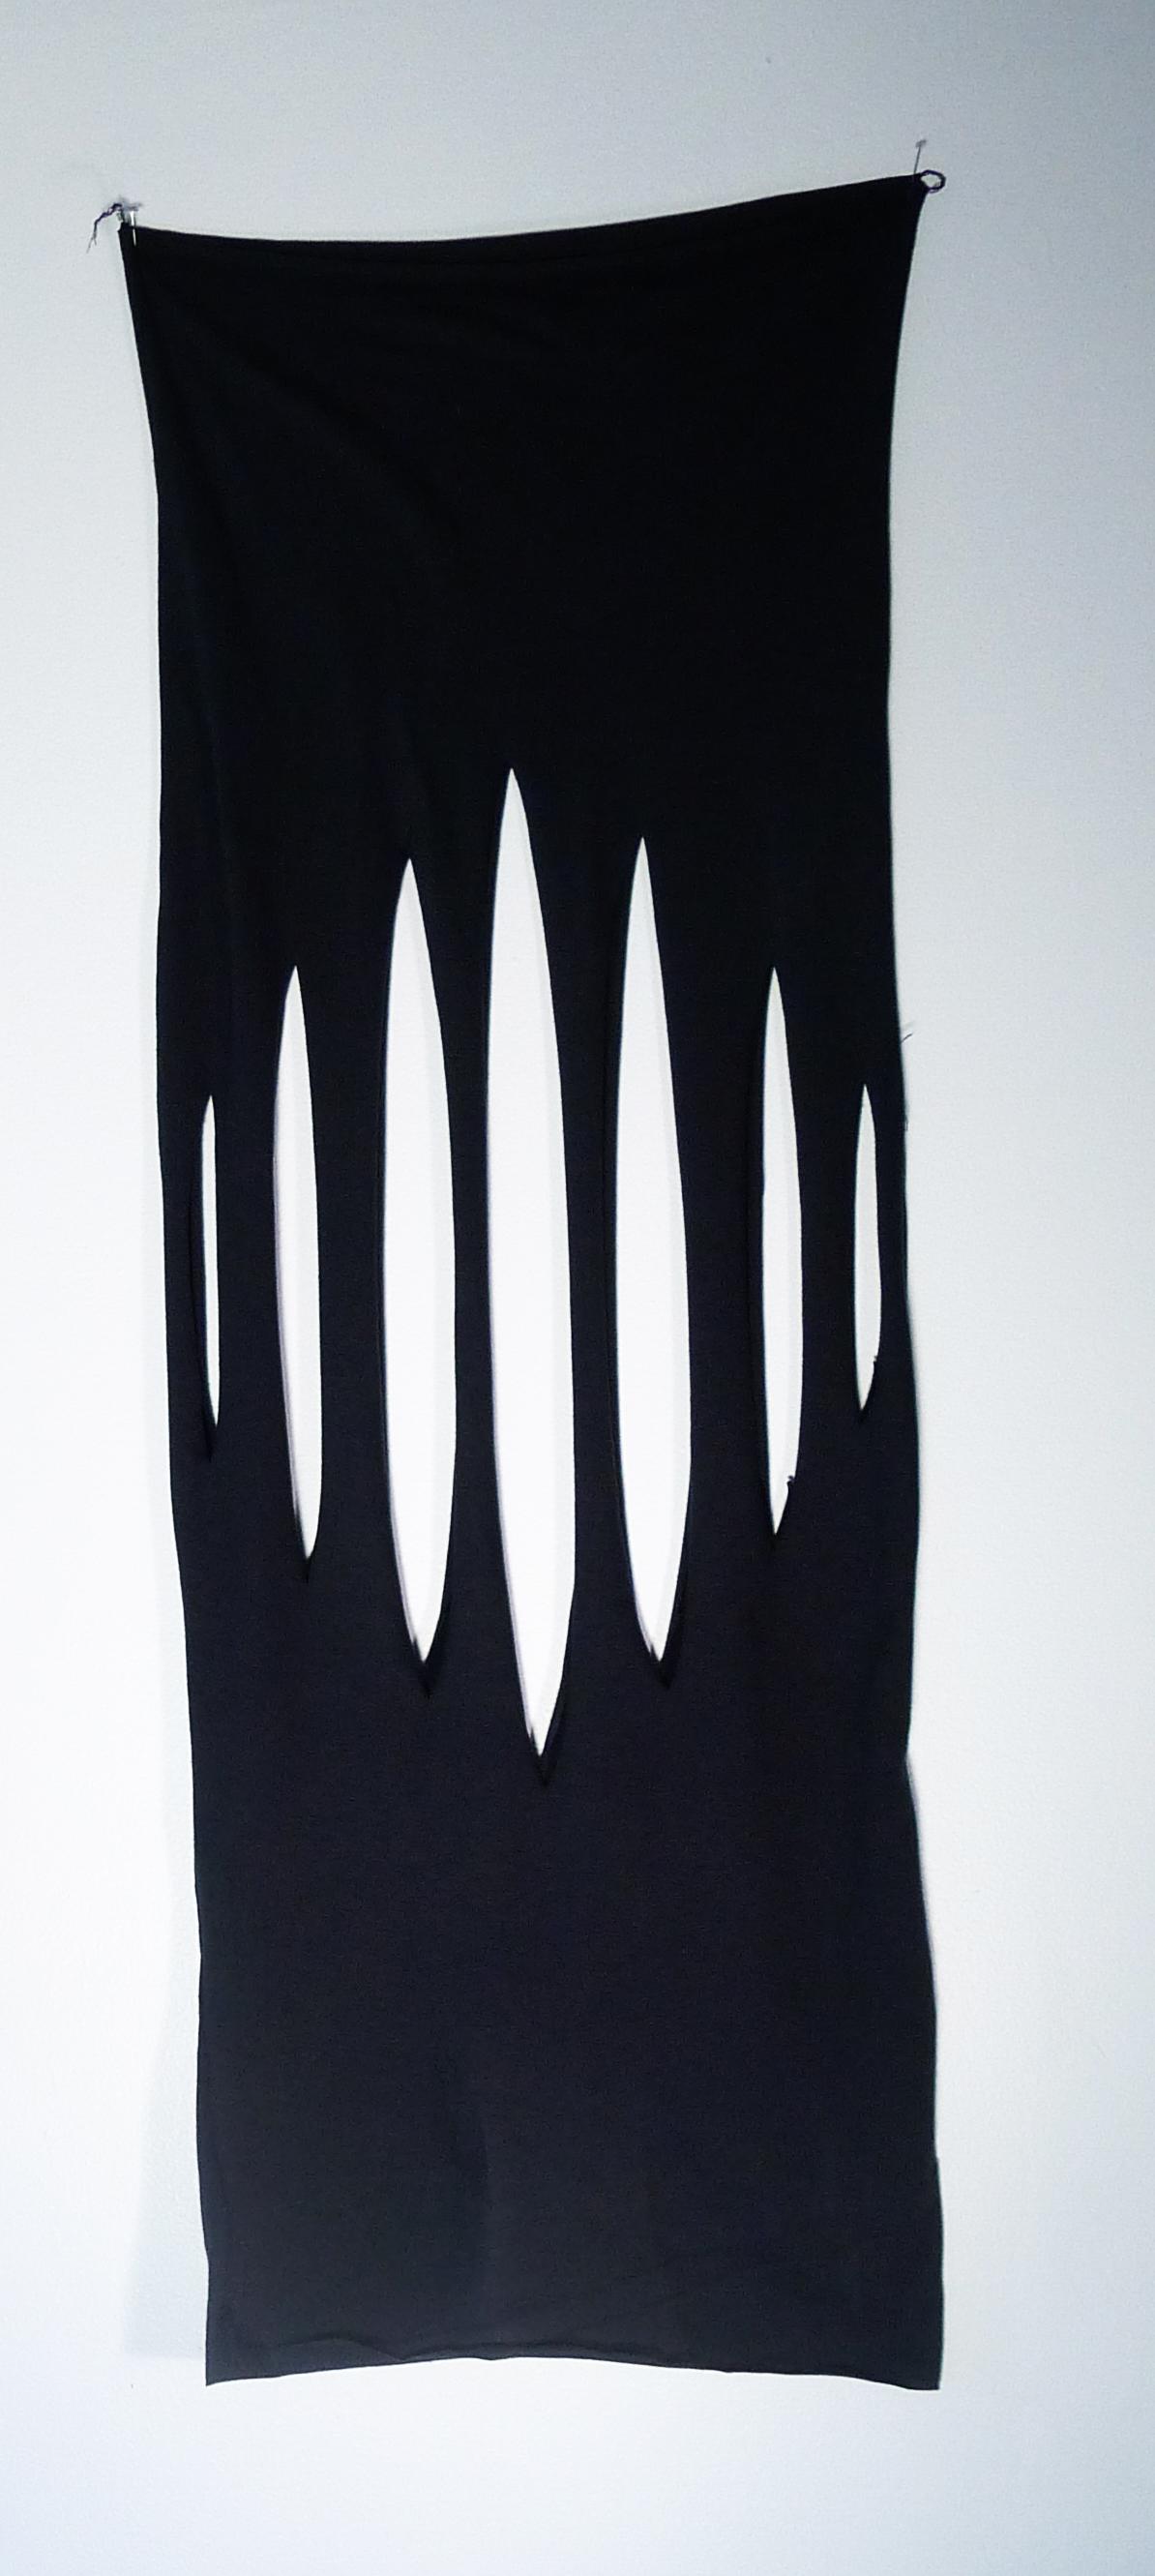 Knit shirt. July 02. 2013